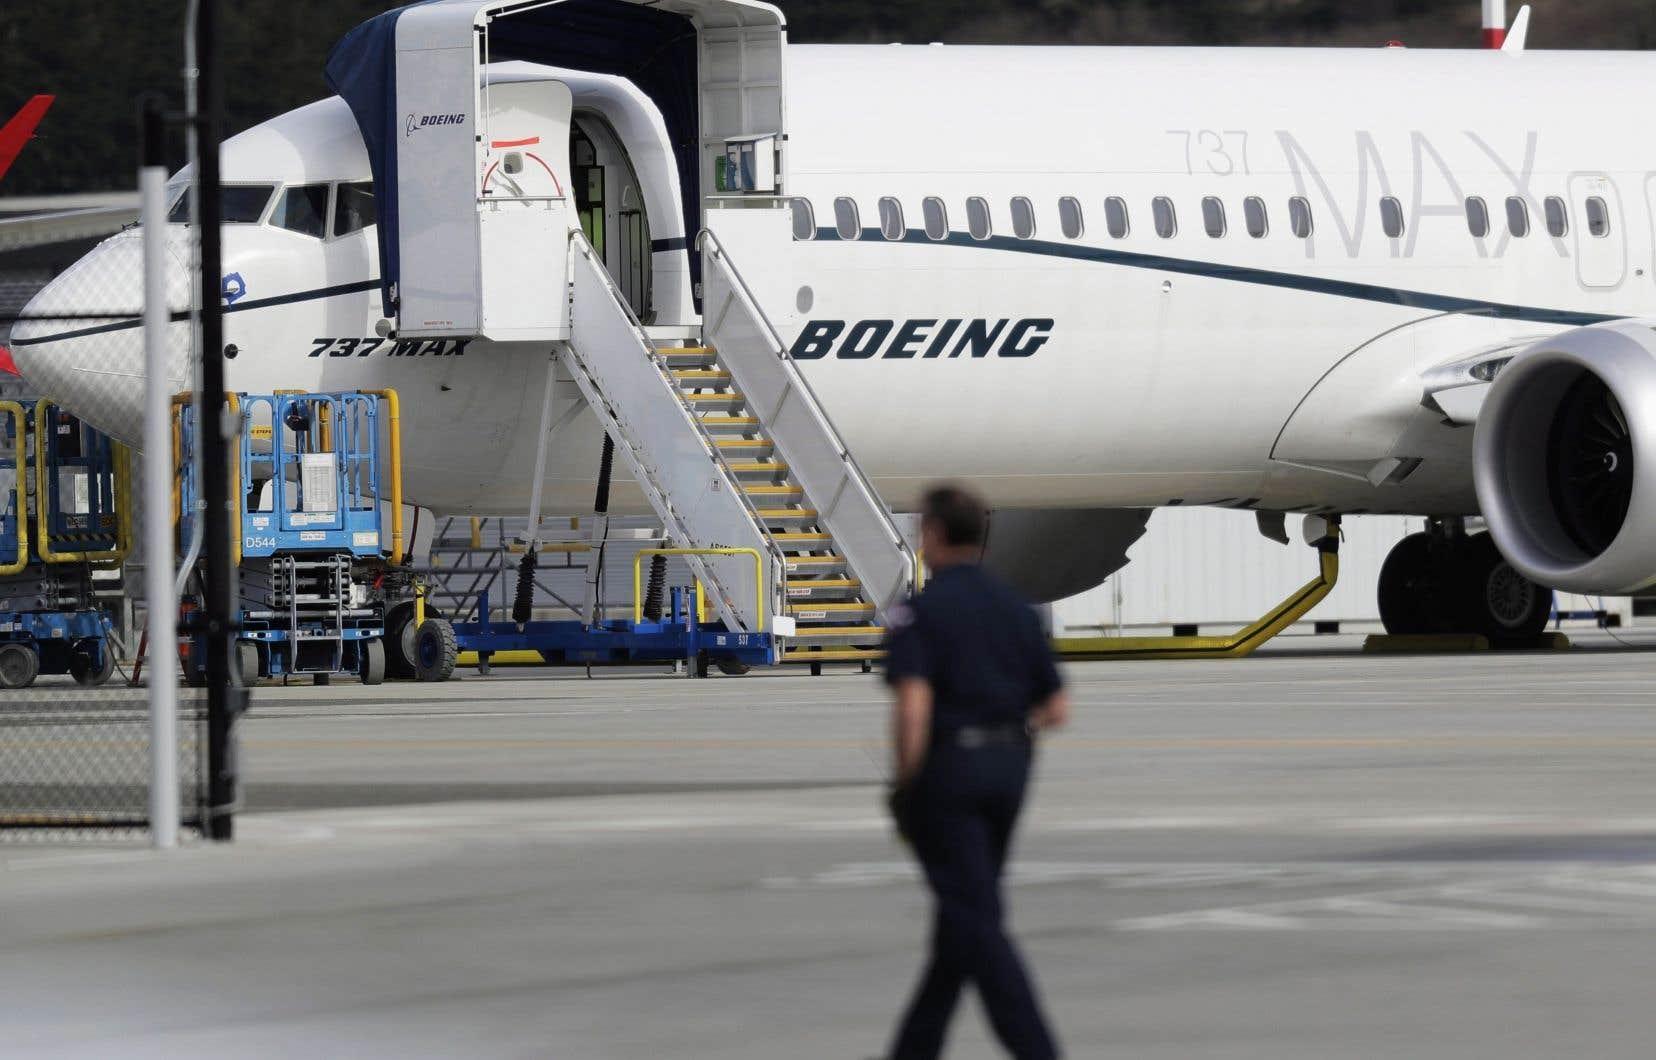 Les procédures de certification du MAX par la FAA sont sur la sellette après que plusieurs enquêtes officielles et de la presse eurent mis au jour une collaboration très étroite entre le plus important constructeur aéronautique des États-Unis et l'agence fédérale.